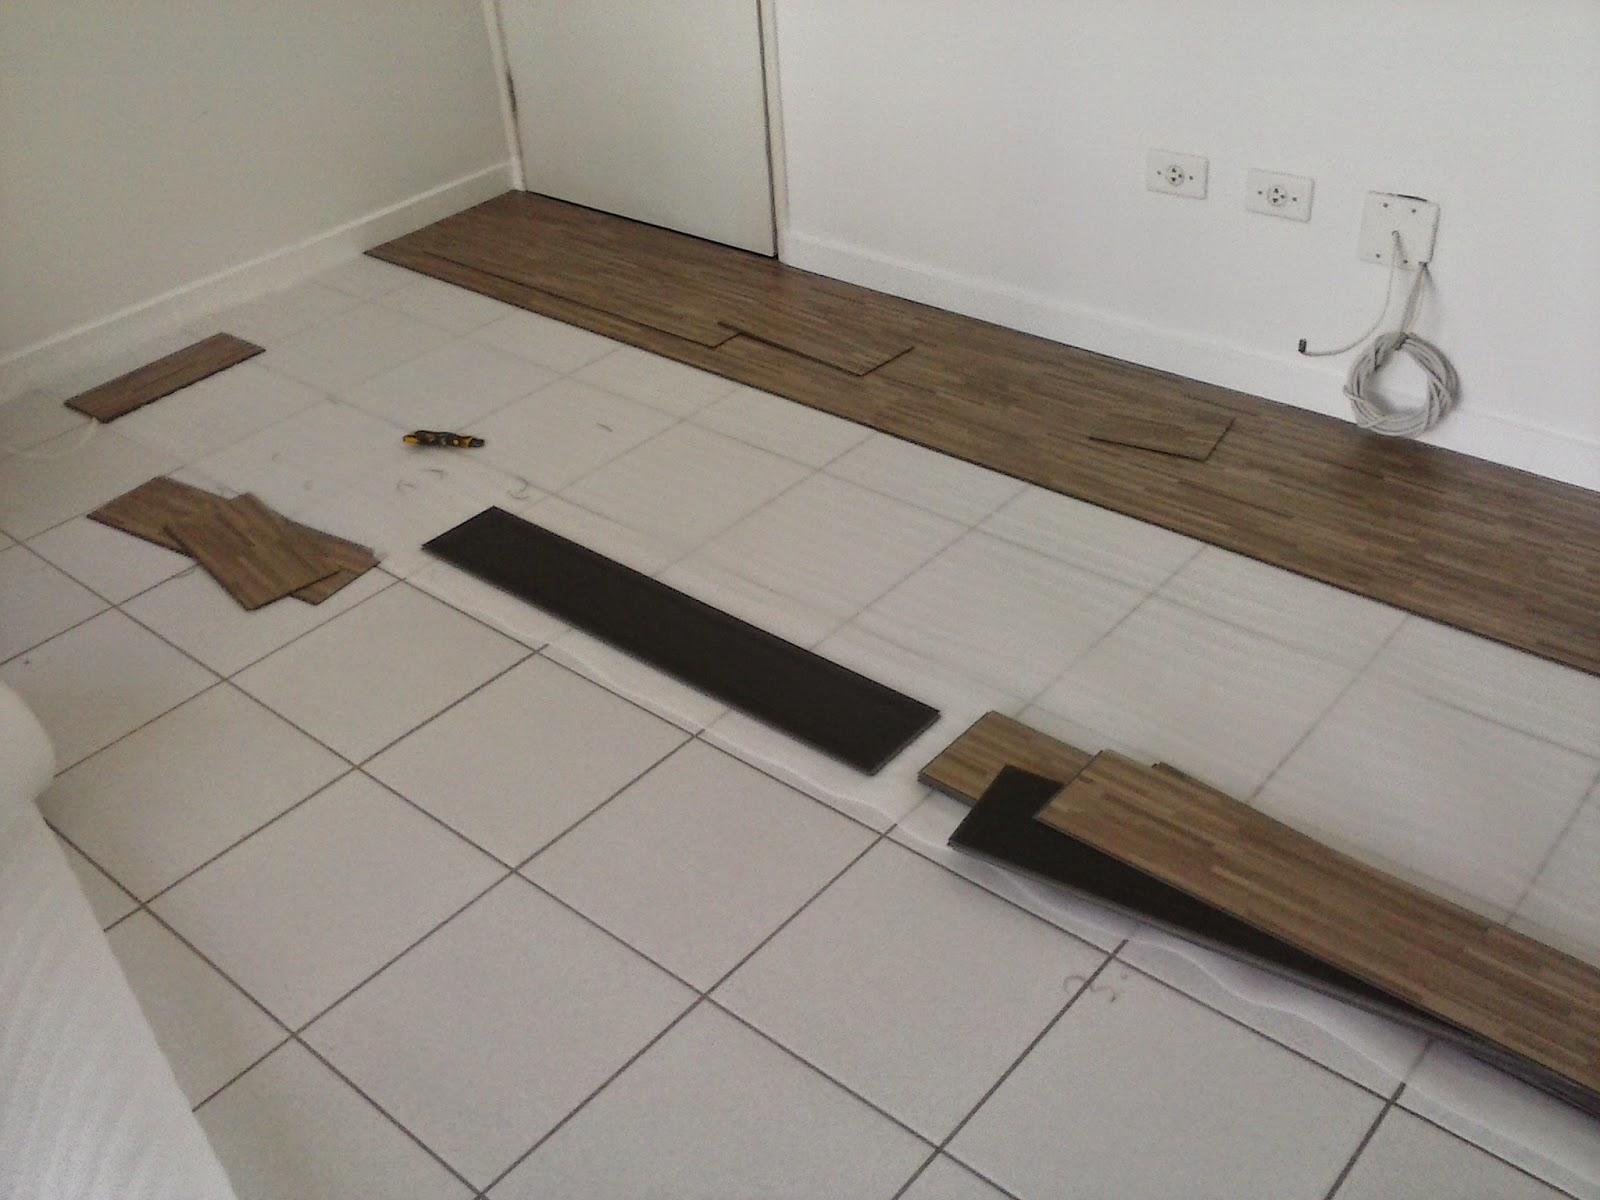 Vero revestimentos pisos vinilicos colocado piso vinilico - Piso vinilico sobre ceramica ...